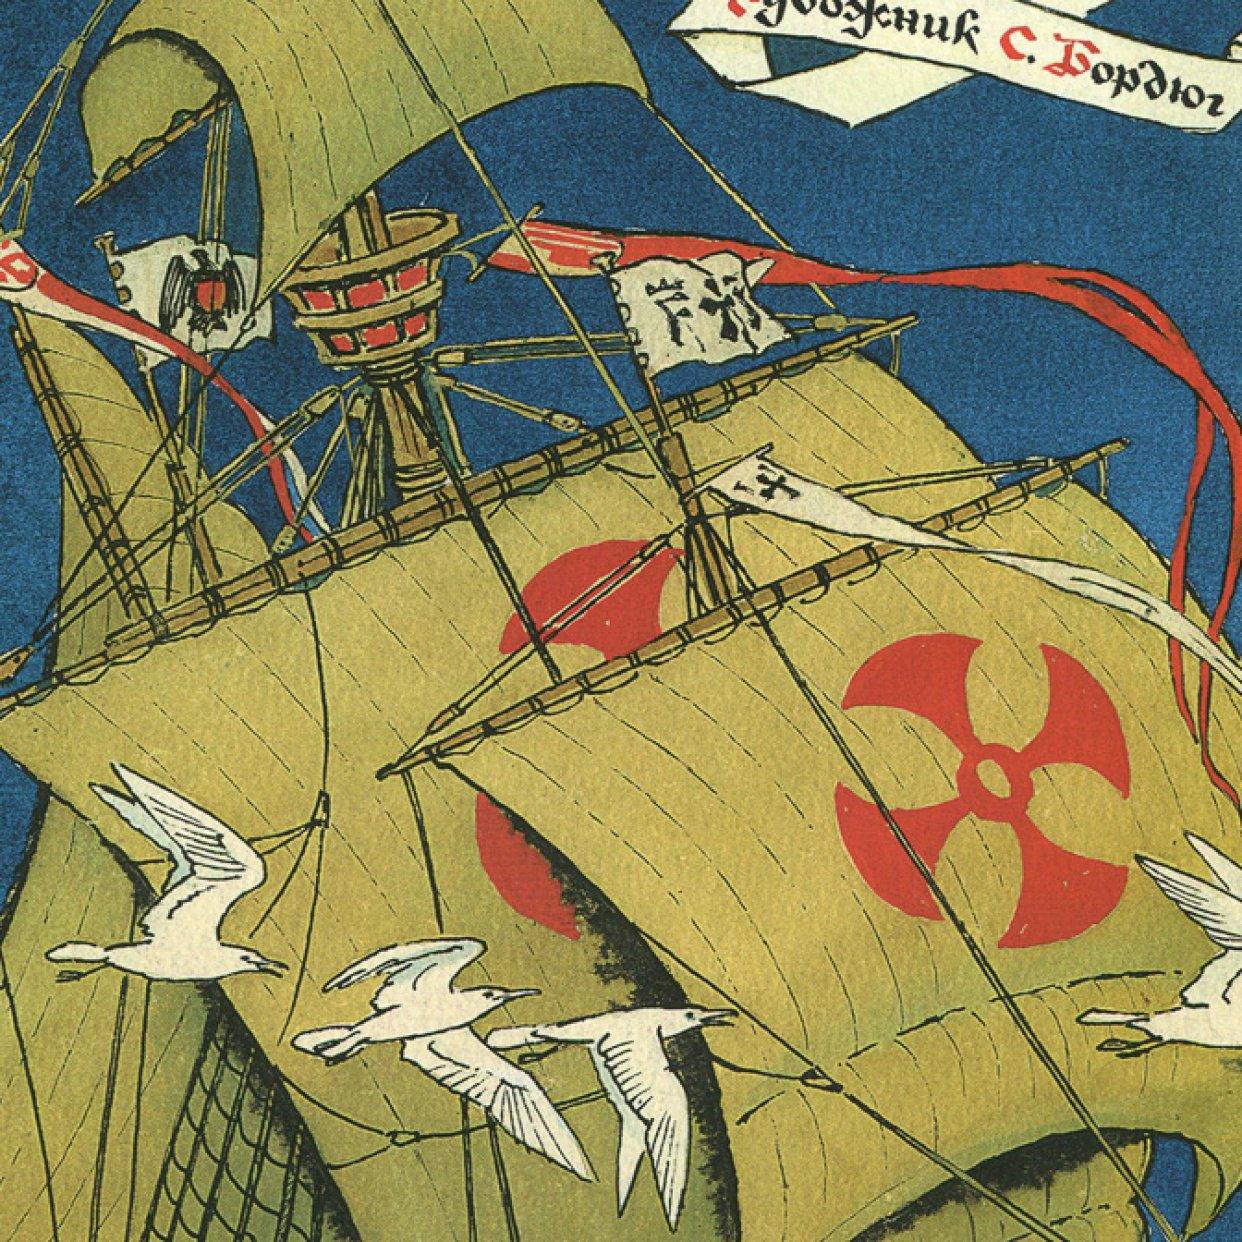 «Поднять паруса! Полный вперед!». О серии «Страницы истории»